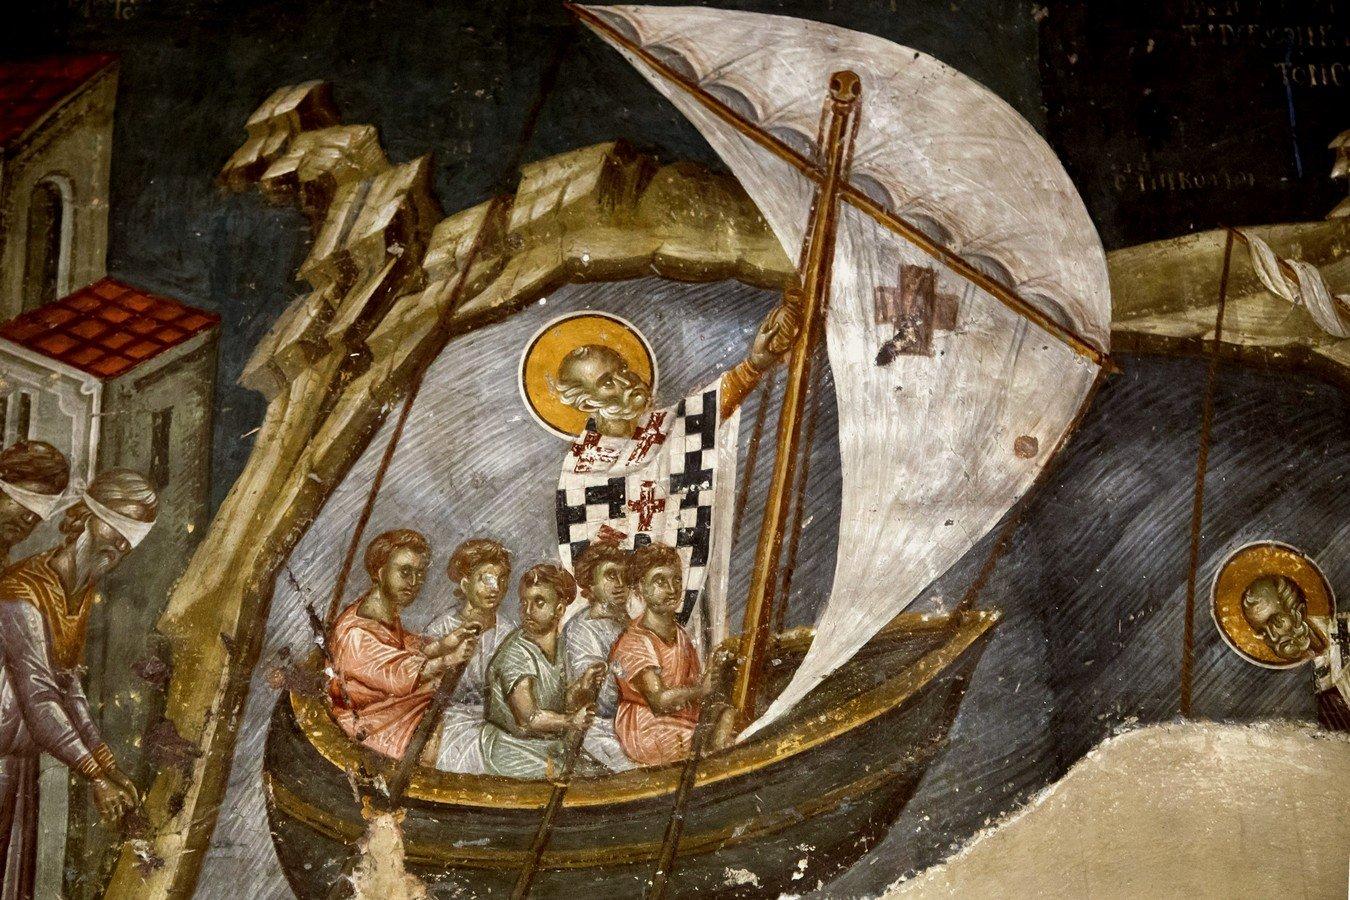 Святитель Николай, Архиепископ Мир Ликийских, Чудотворец спасает корабль. Фреска церкви Святого Николая Орфаноса в Салониках, Греция. 1310 - 1315 годы.